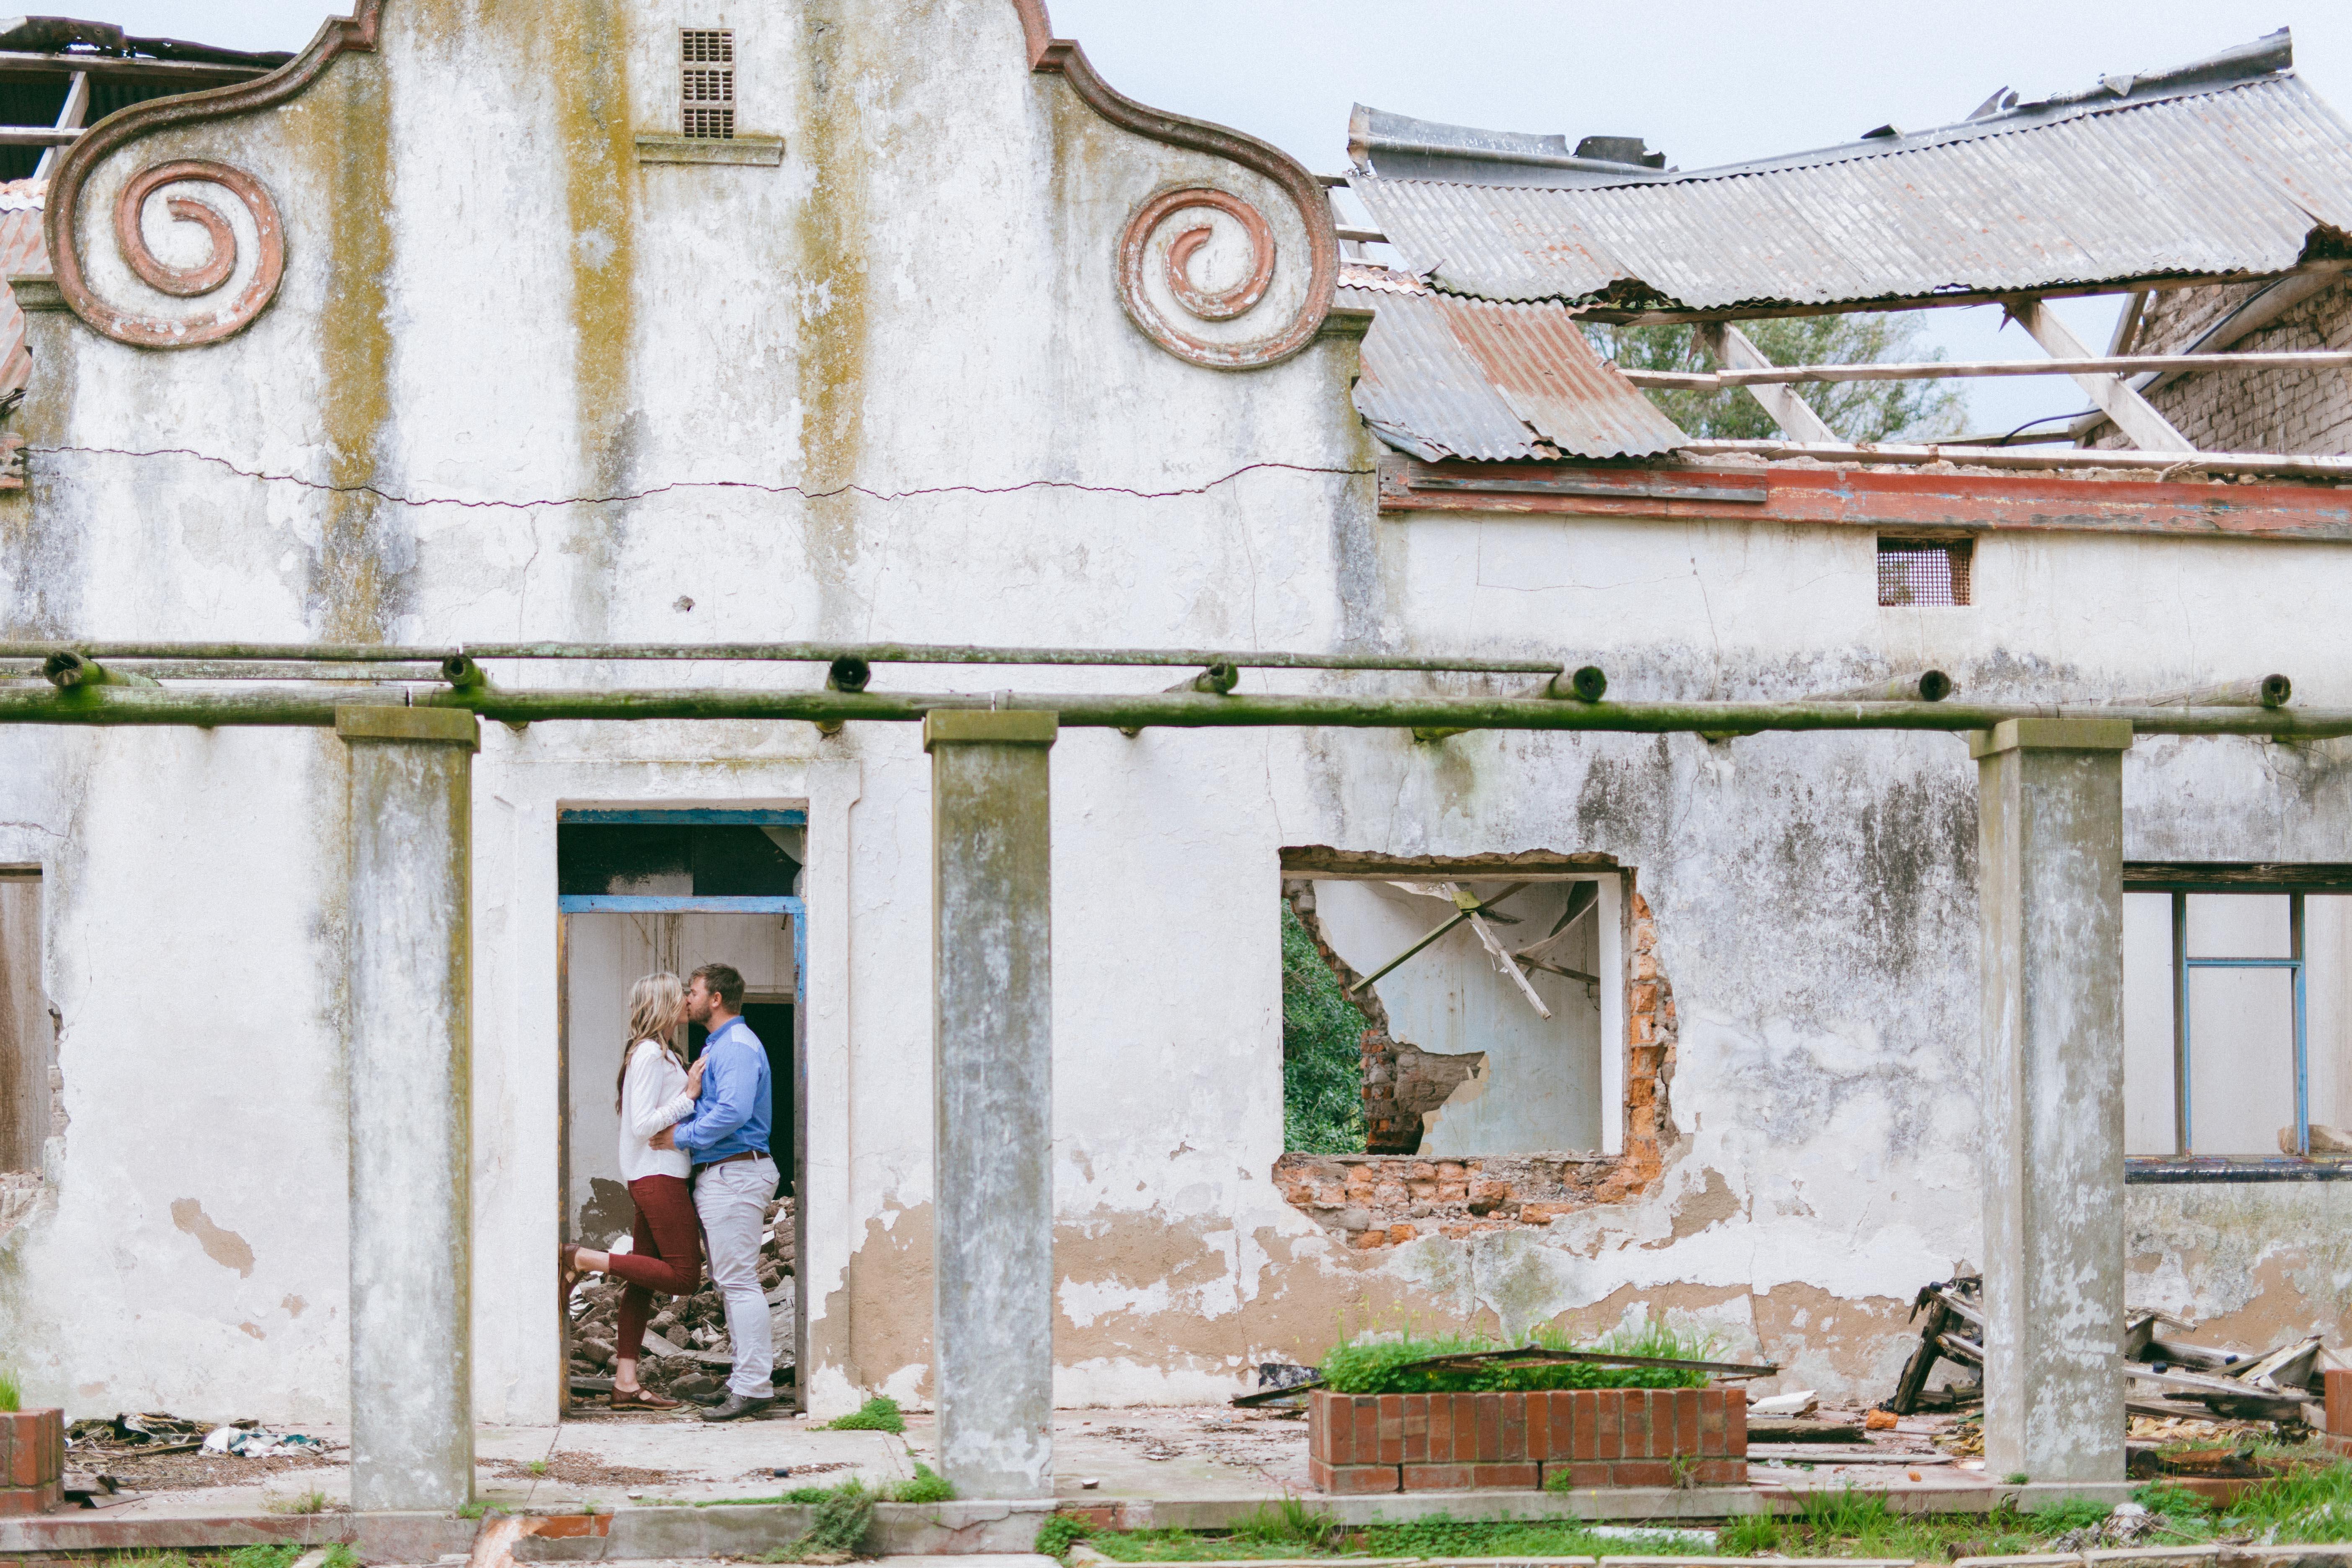 coetzerphoto.com-3844